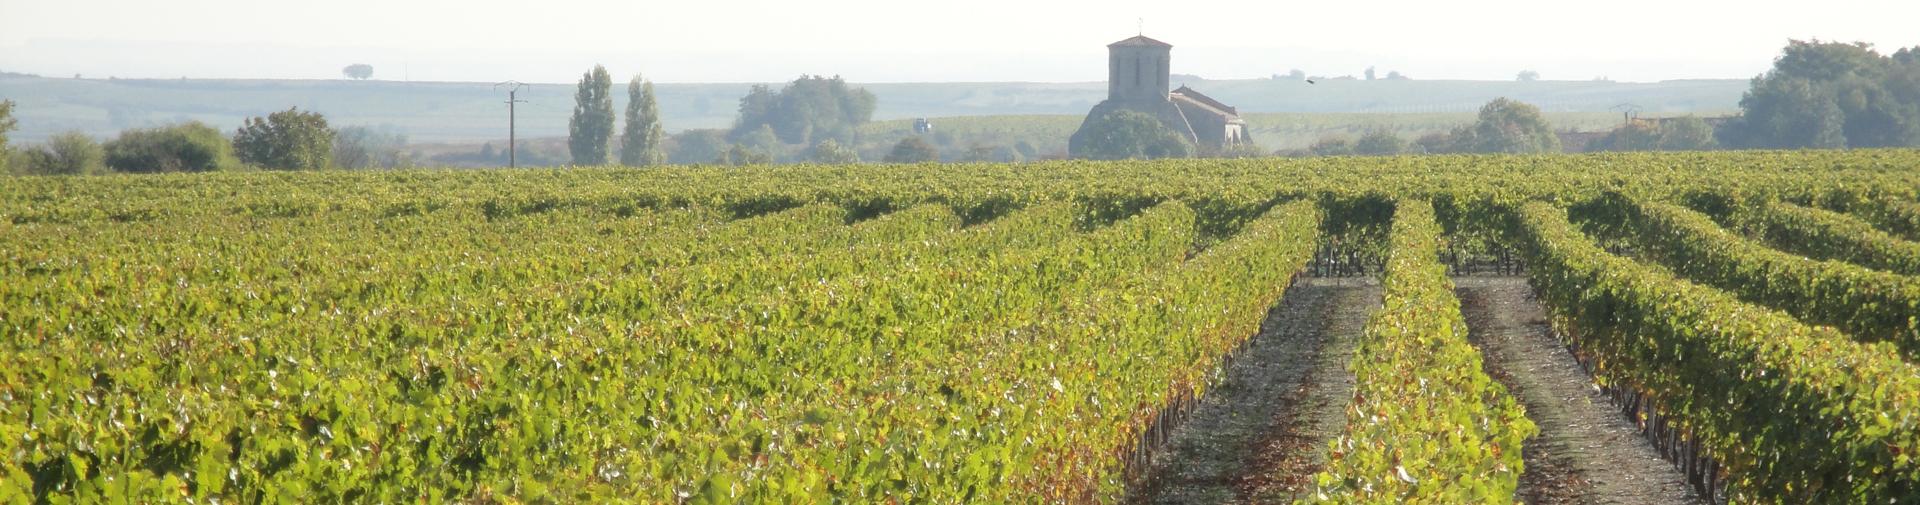 Découvrez le cognac et le pineau des Charentes